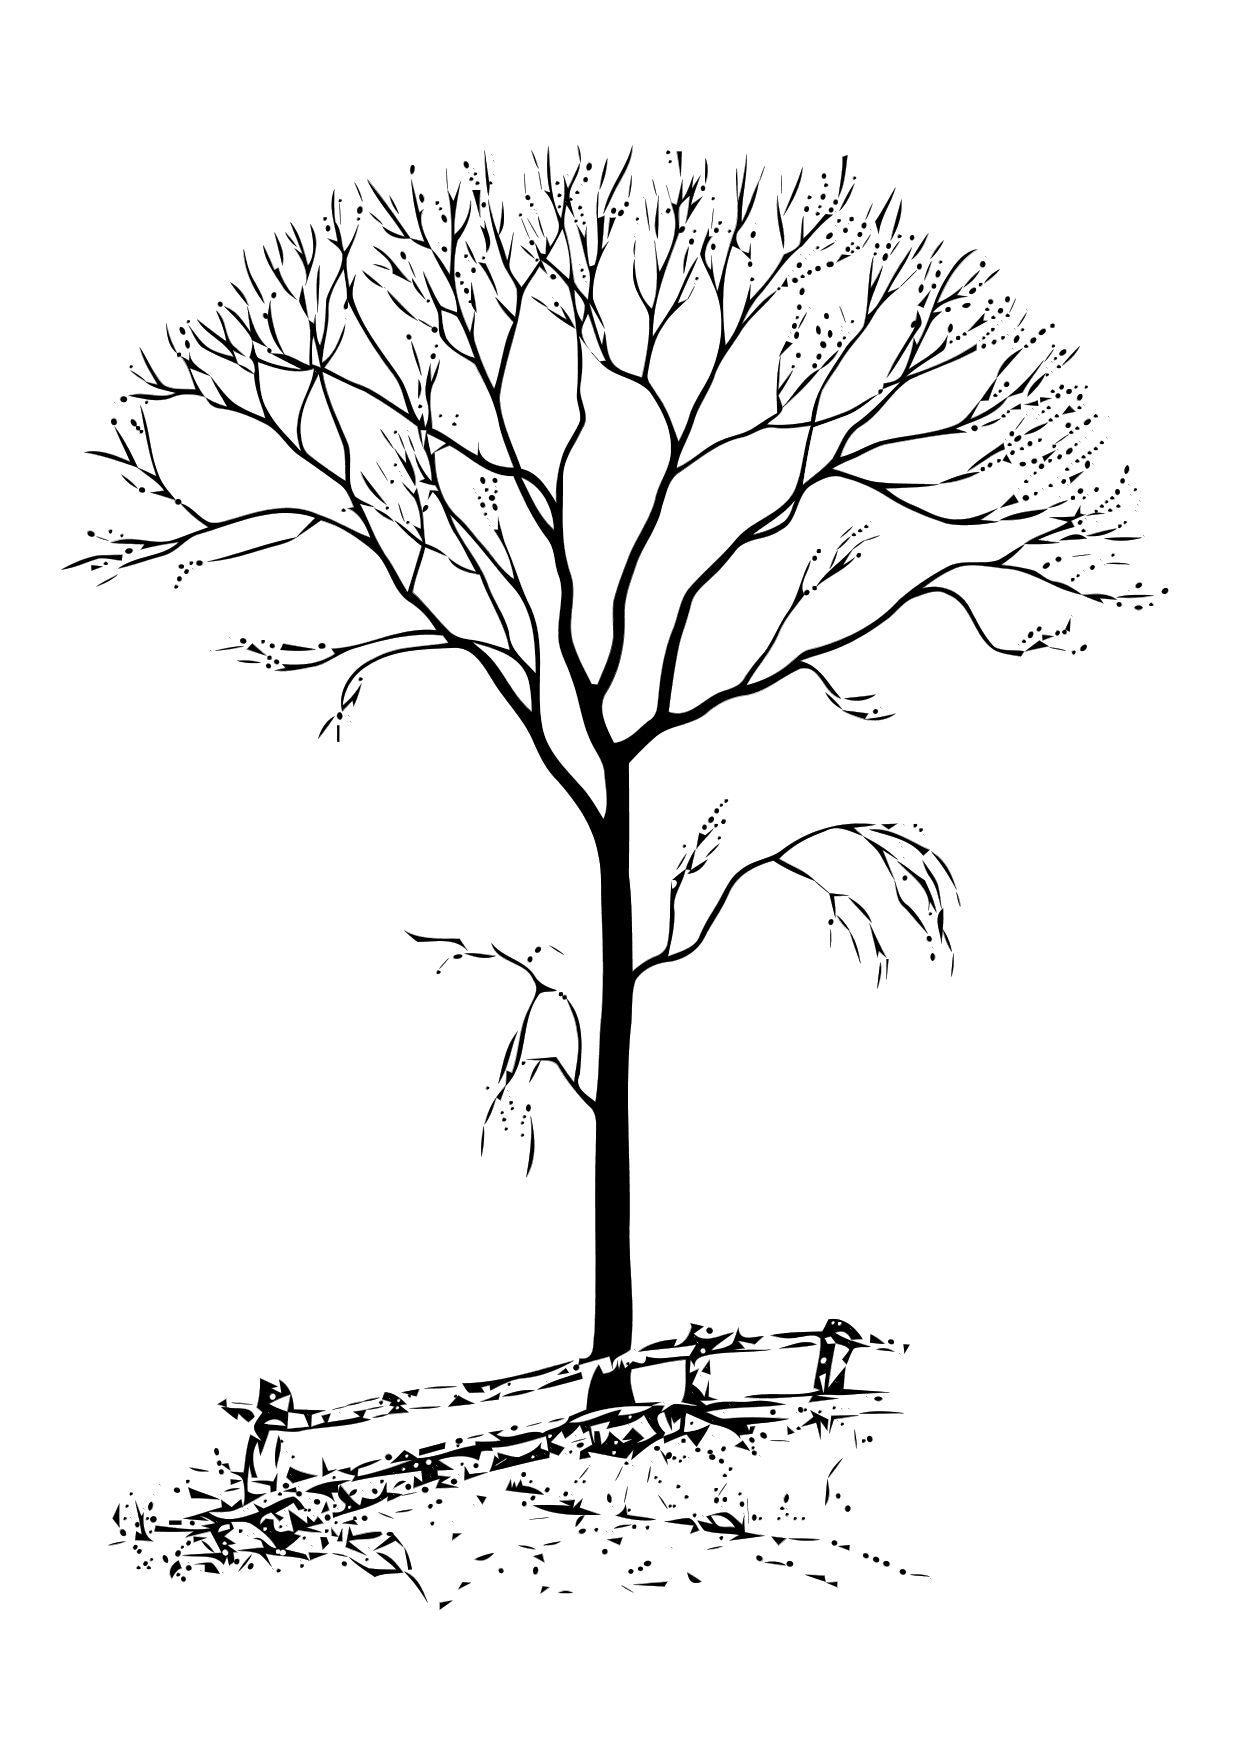 Dibujo Para Colorear árbol Sin Hojas Dibujos Para Imprimir